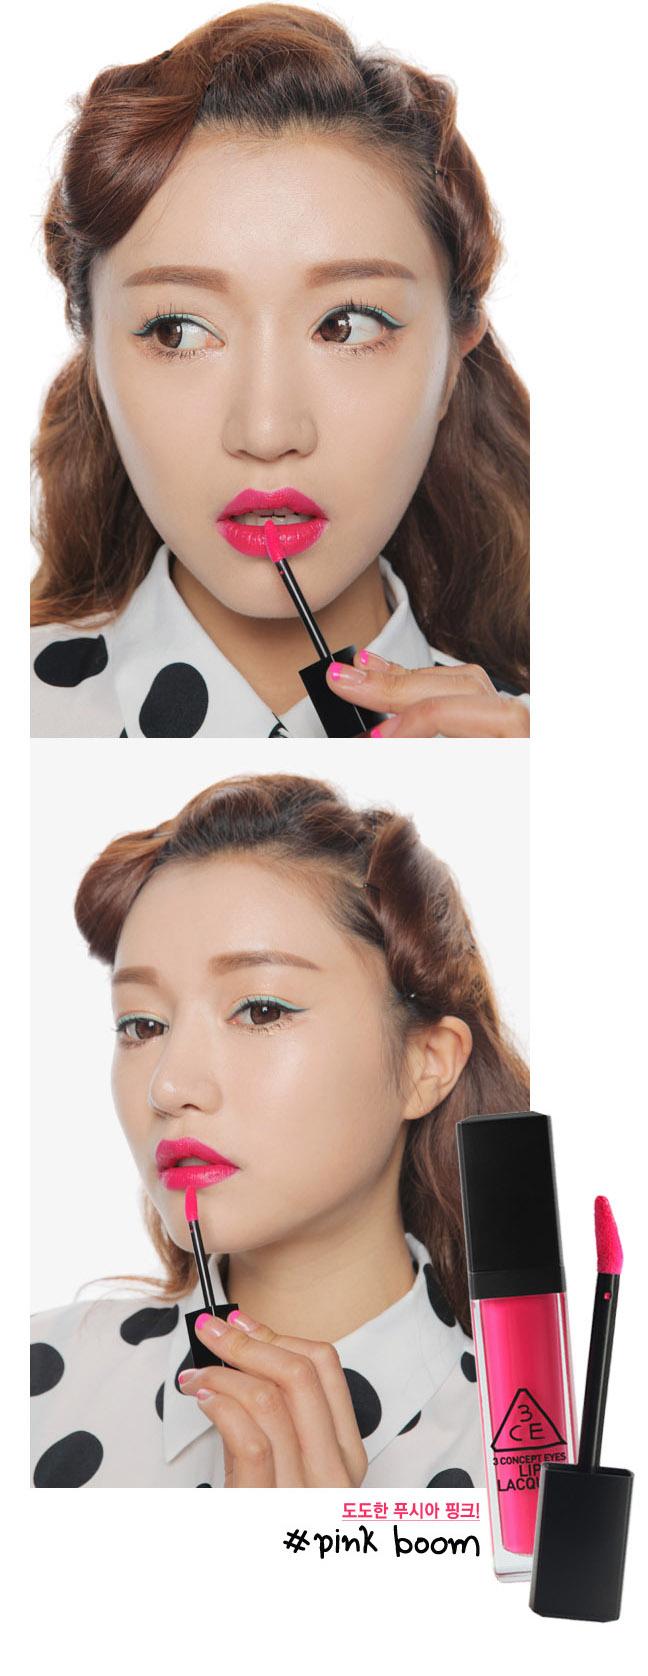 Son 3ce lip lacquer # pink boom5